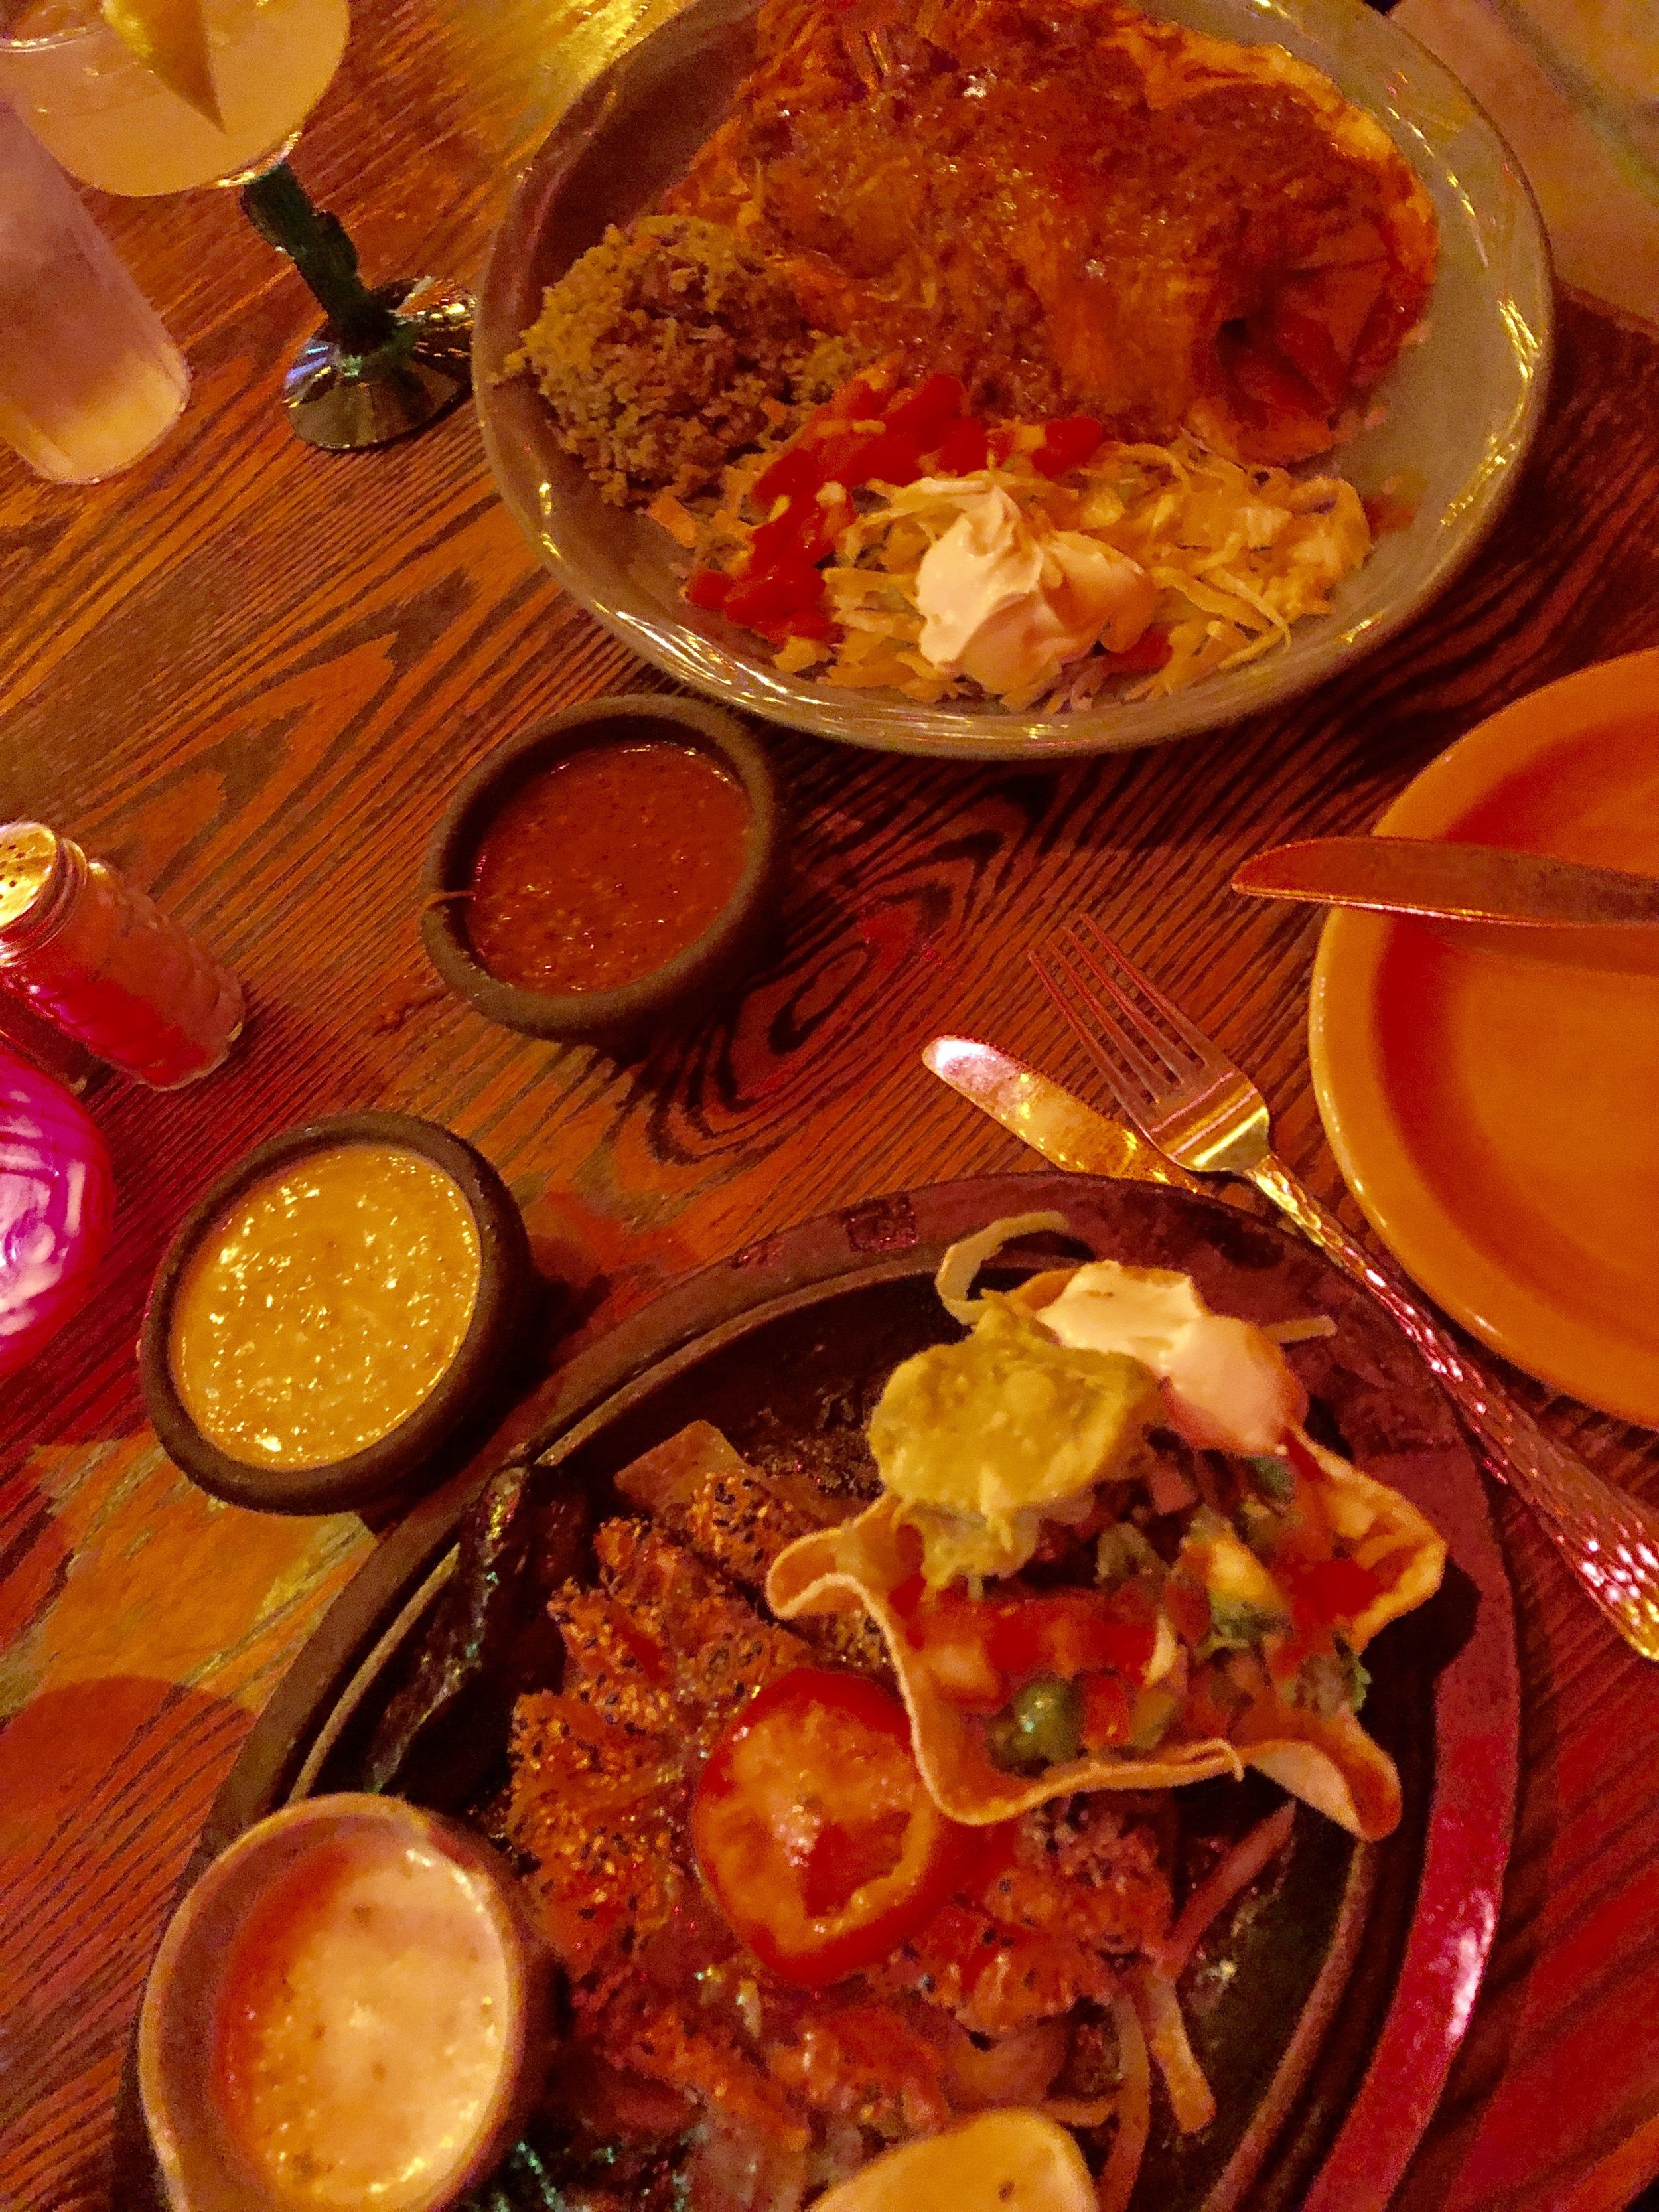 Delicious Ahi Tuna Fajitas + Skinny Marg at    El Tiempo    Westheimer